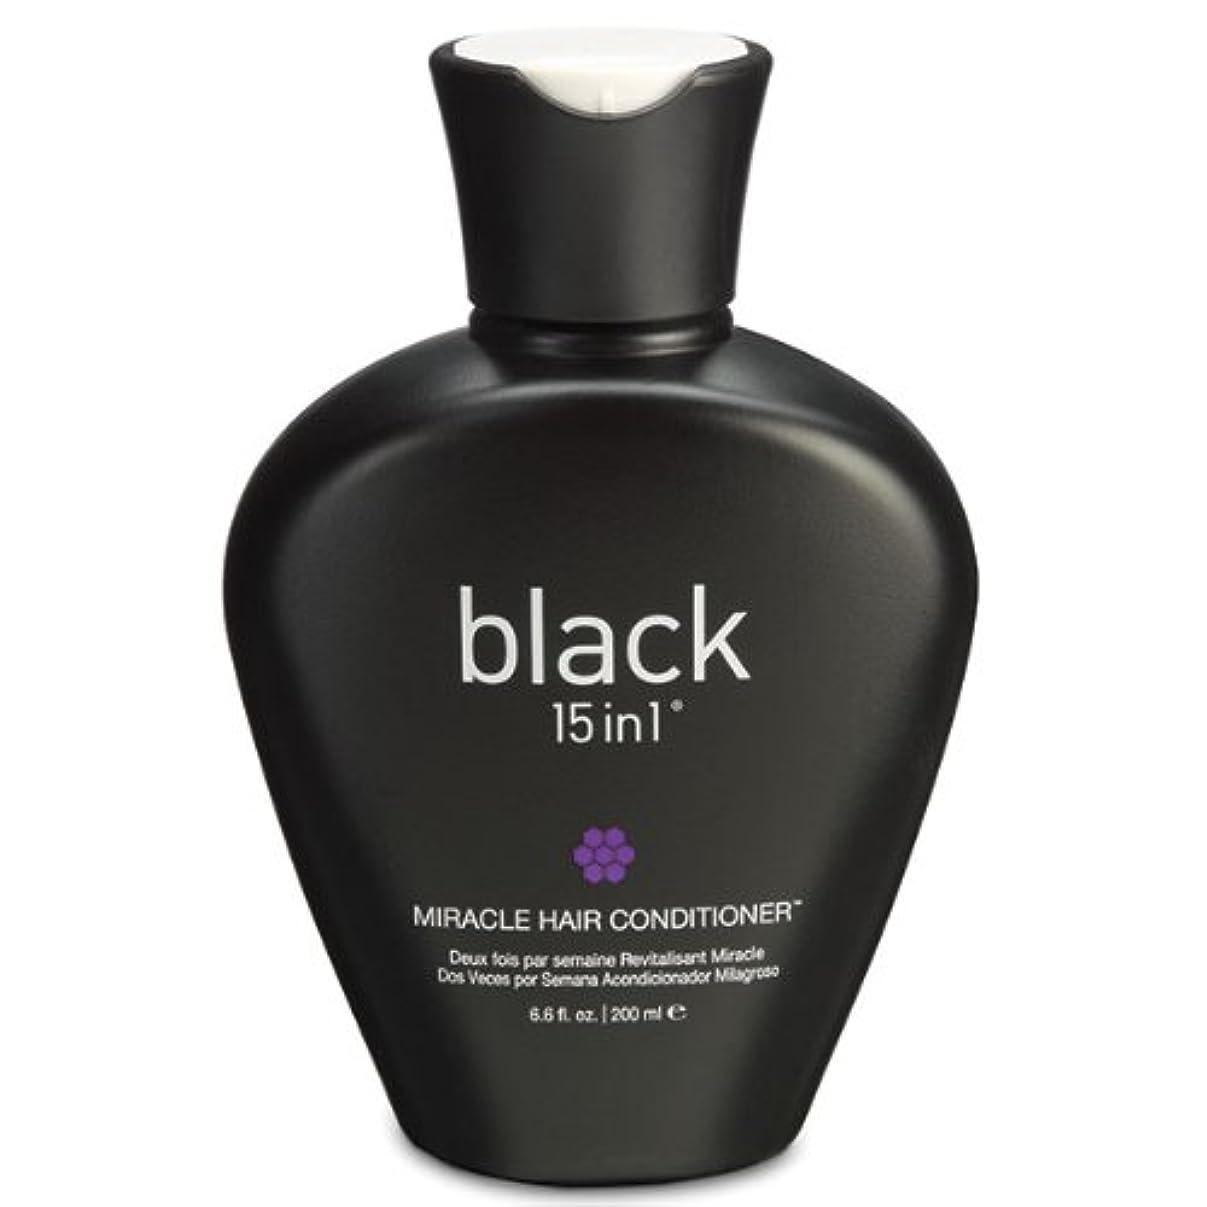 照らす介入するイースターBlack 15in1 Miracle Hair Conditioner, 6.6 Ounce by black 15in1